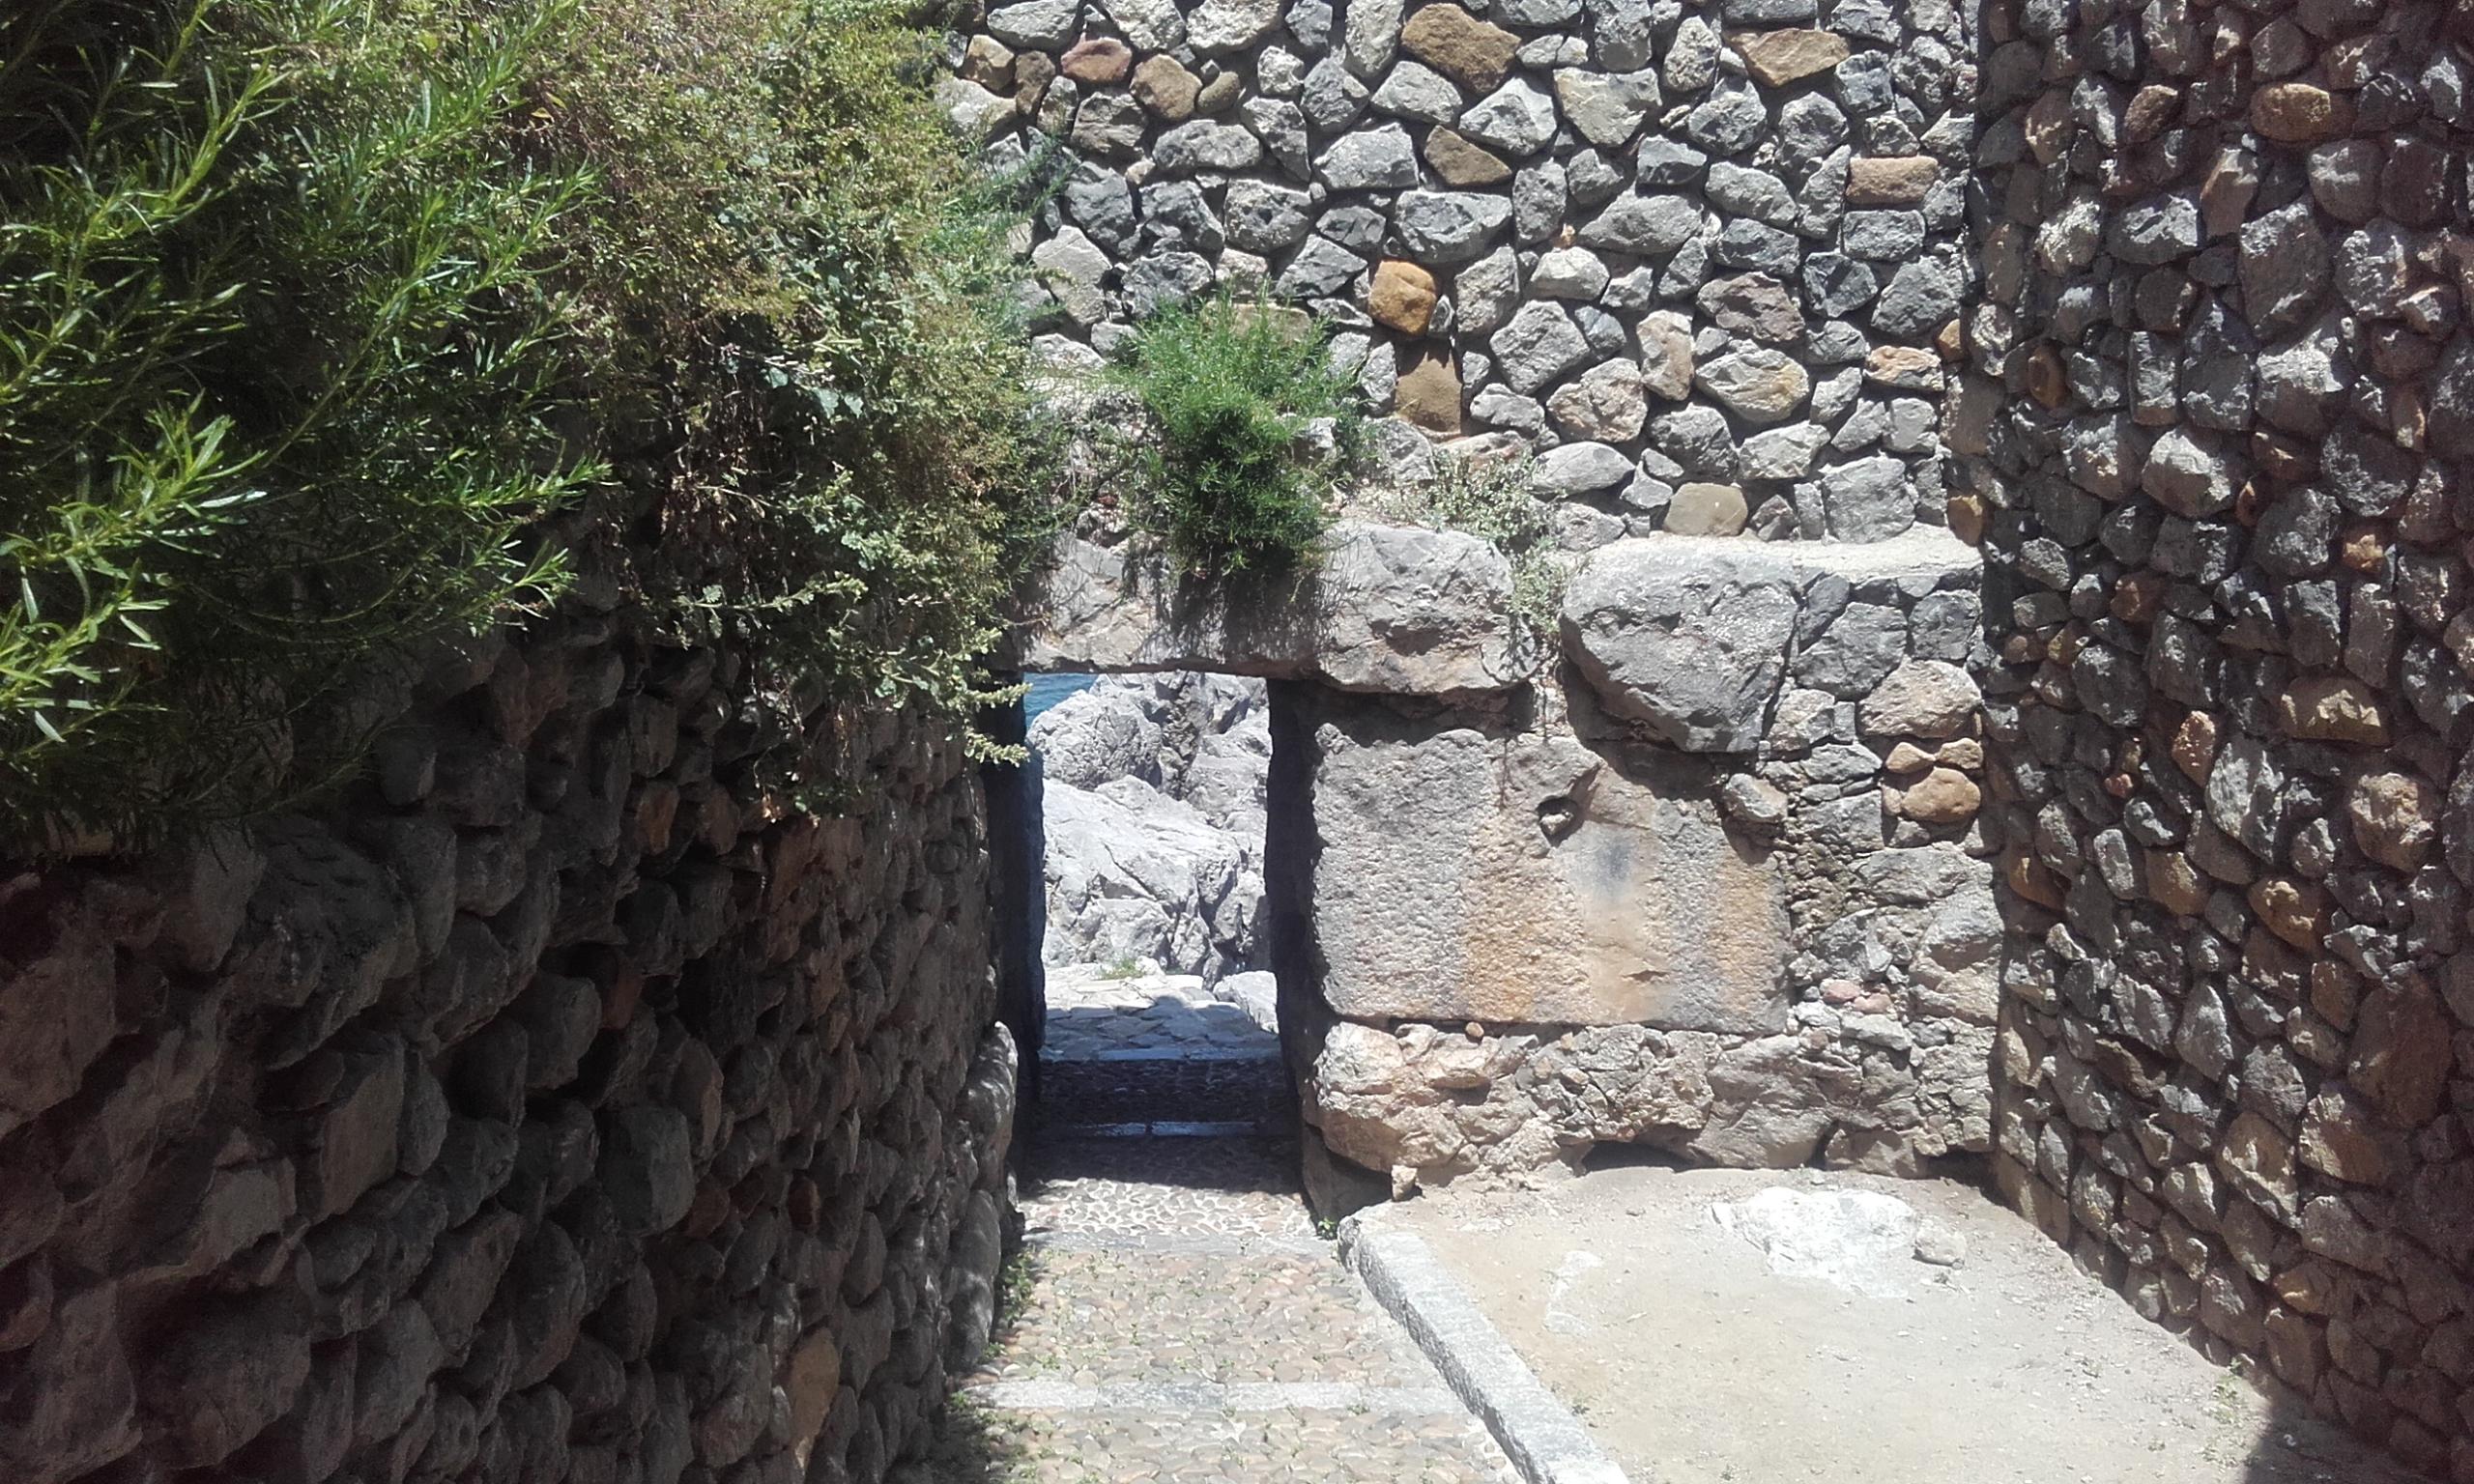 El disimulado acceso al camino de piedra